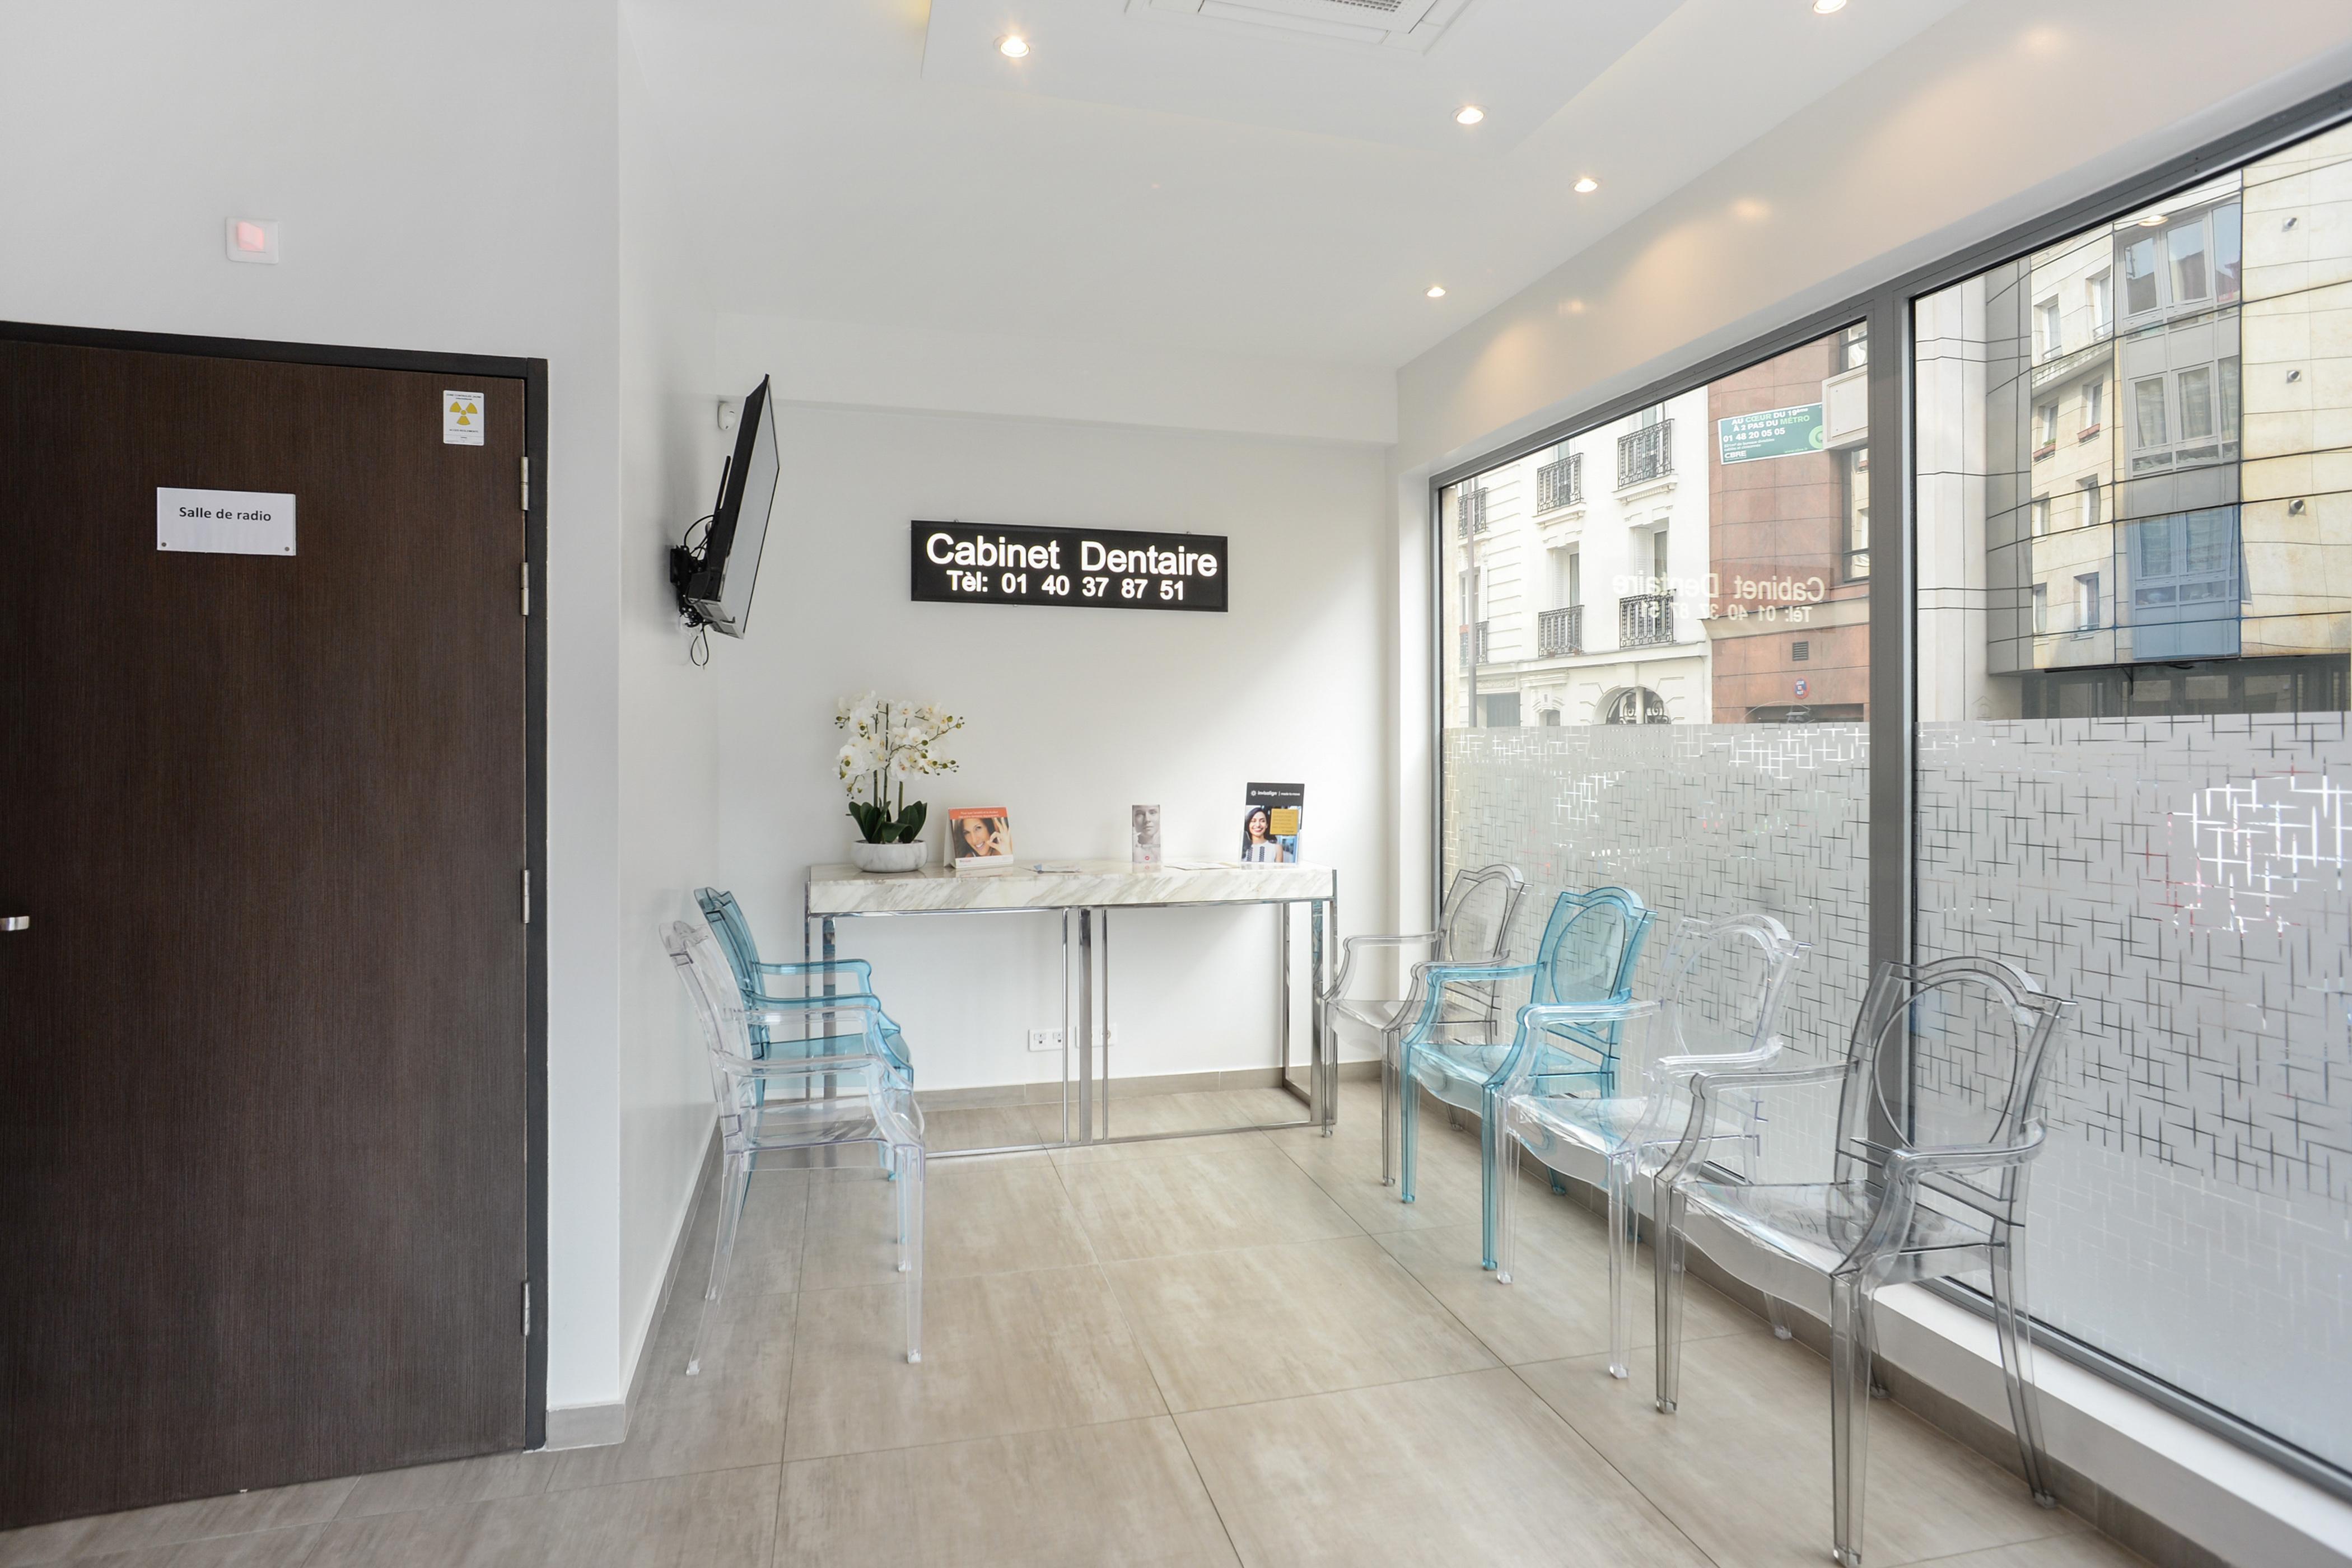 Salle d'attente chez le dentiste Paris 19